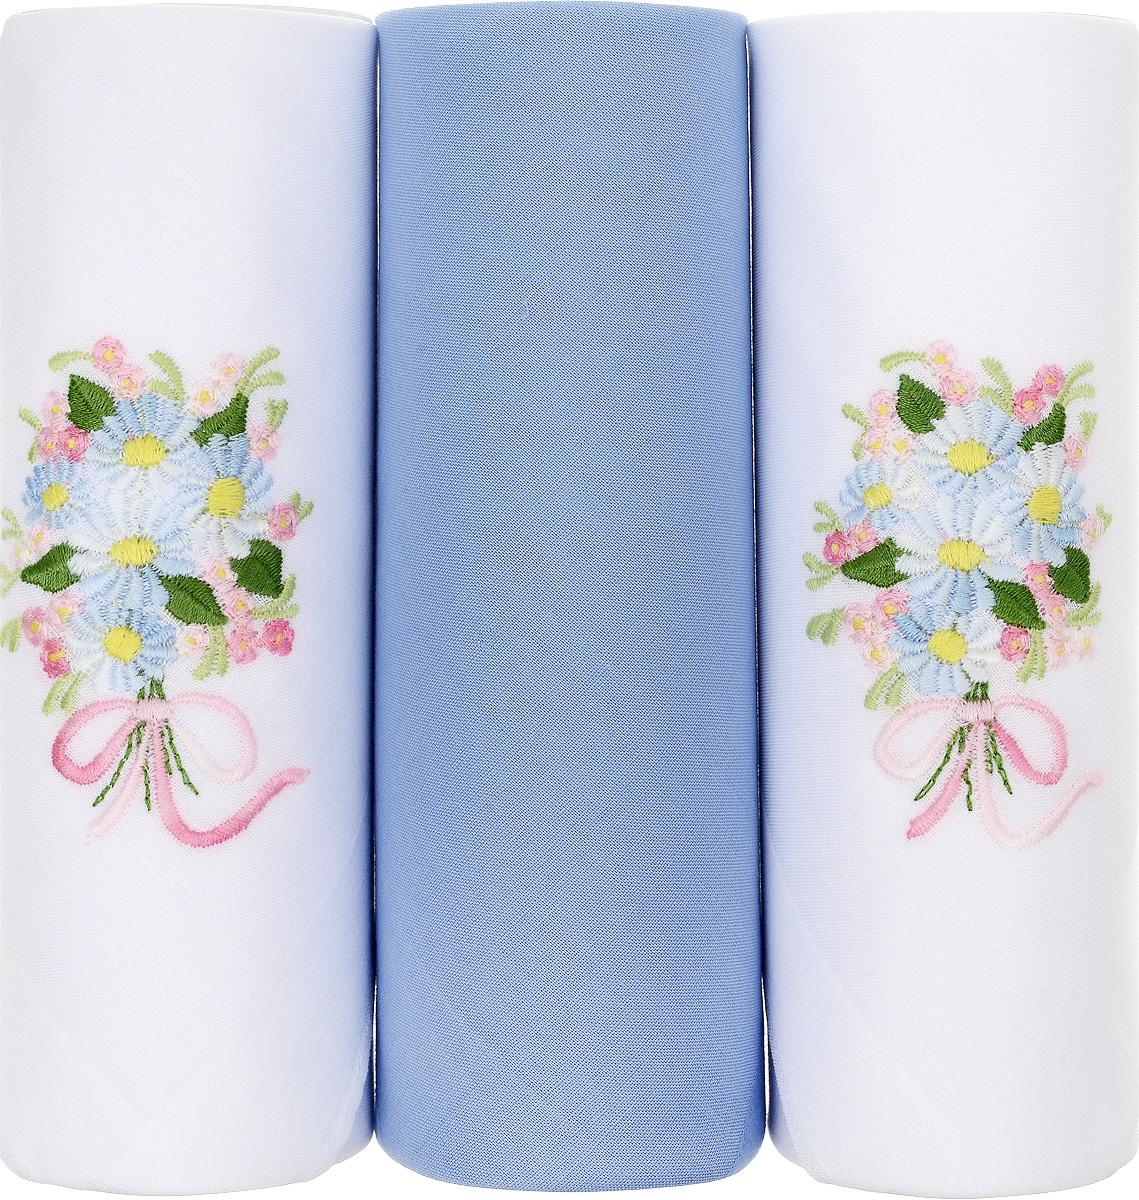 Платок носовой женский Zlata Korunka, цвет: белый, голубой. 25605-7. Размер 30 х 30 см, 3 штБрелок для сумкиНосовой платок Zlata Korunka изготовлен из высококачественного натурального хлопка, благодаря чему приятен в использовании, хорошо стирается, не садится и отлично впитывает влагу. Практичный и изящный носовой платок будет незаменим в повседневной жизни любого современного человека. Такой платок послужит стильным аксессуаром и подчеркнет ваше превосходное чувство вкуса. В комплекте 3 платка.